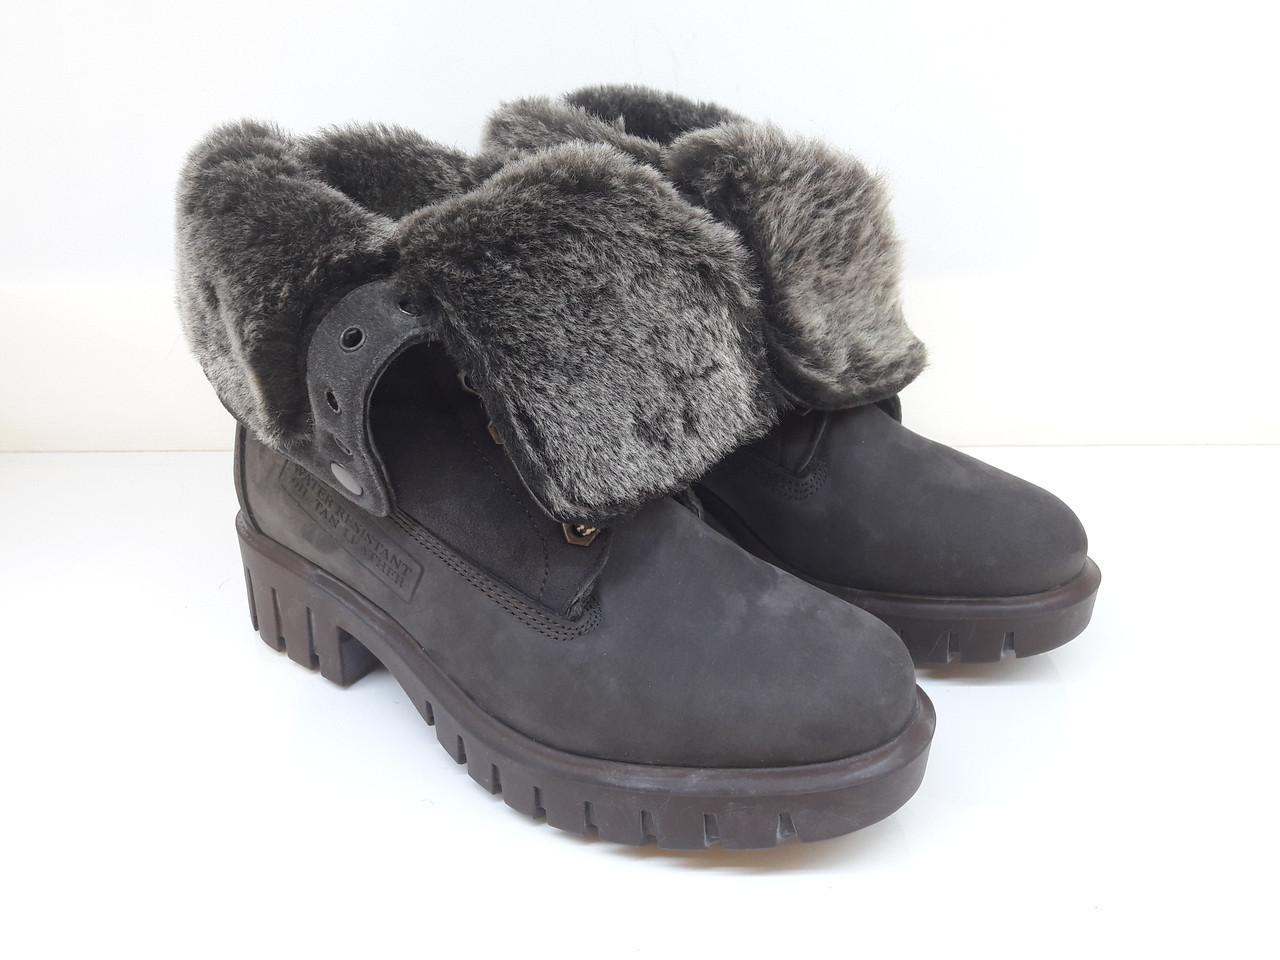 Ботинки Etor 10315-21554-1516 39 коричневые